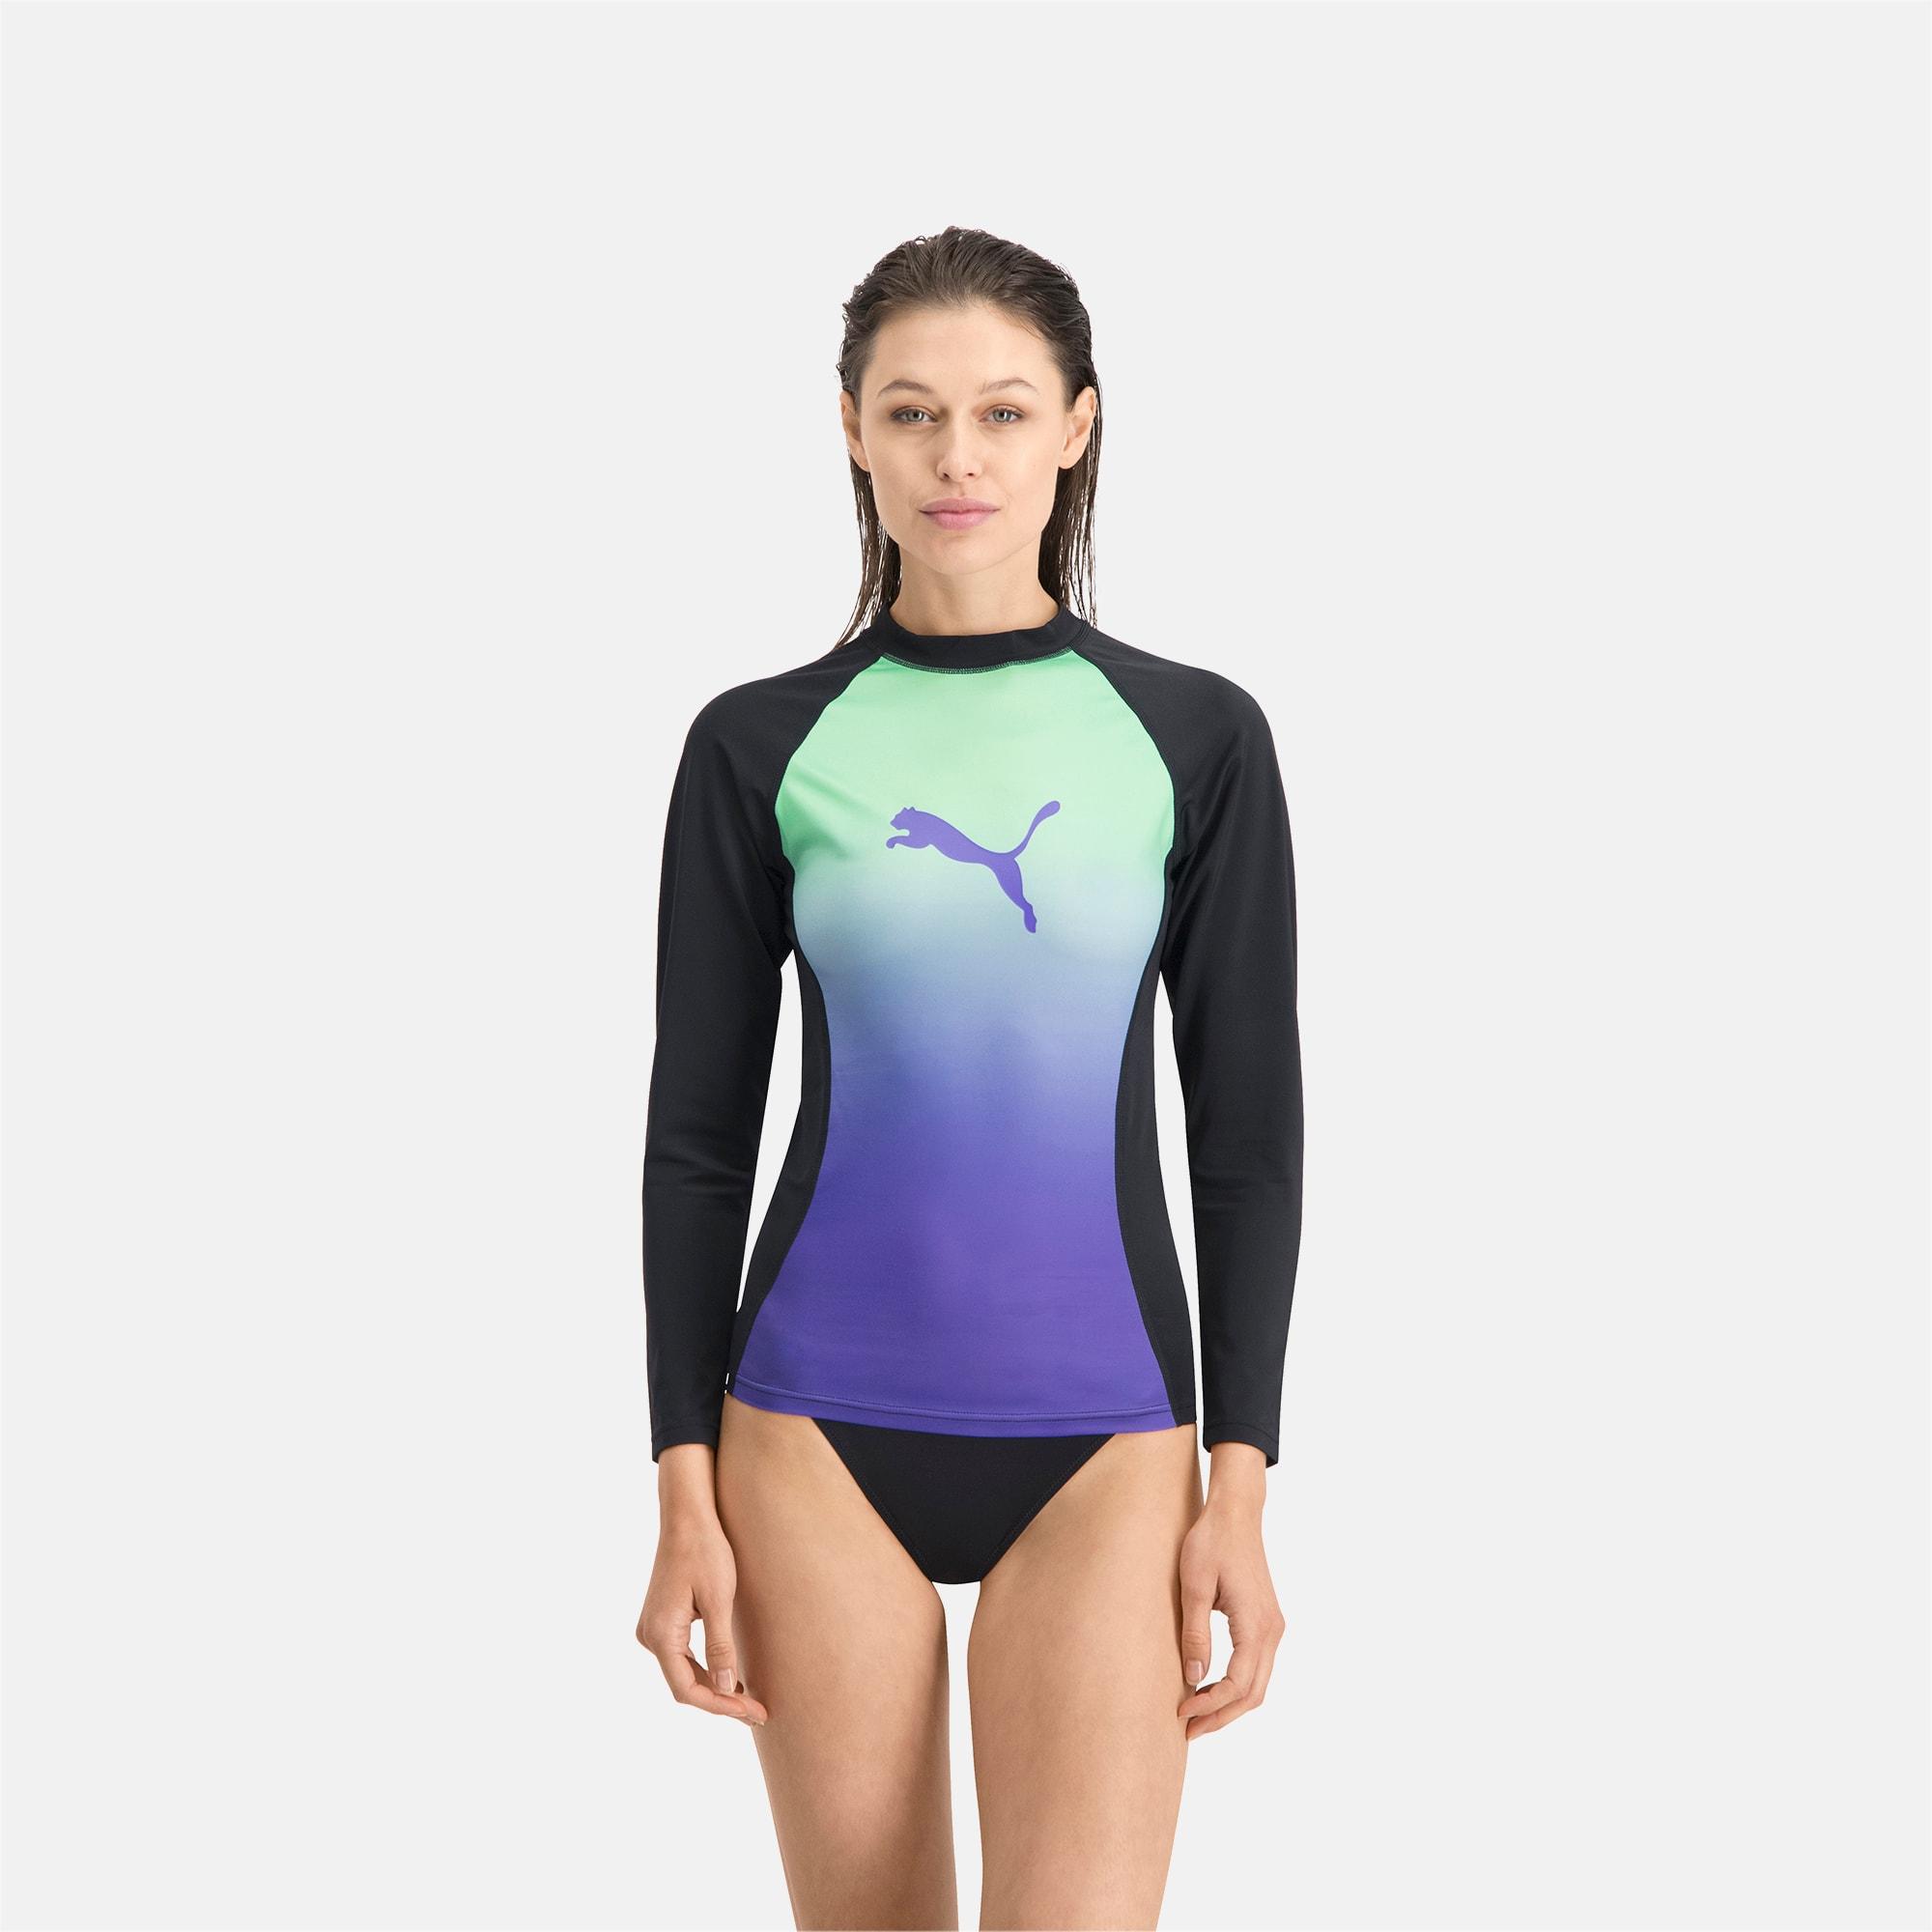 Maillot garde du corps Swim à manches longues et dégradé de couleur, Taille S, Vêtements - PUMA - Modalova